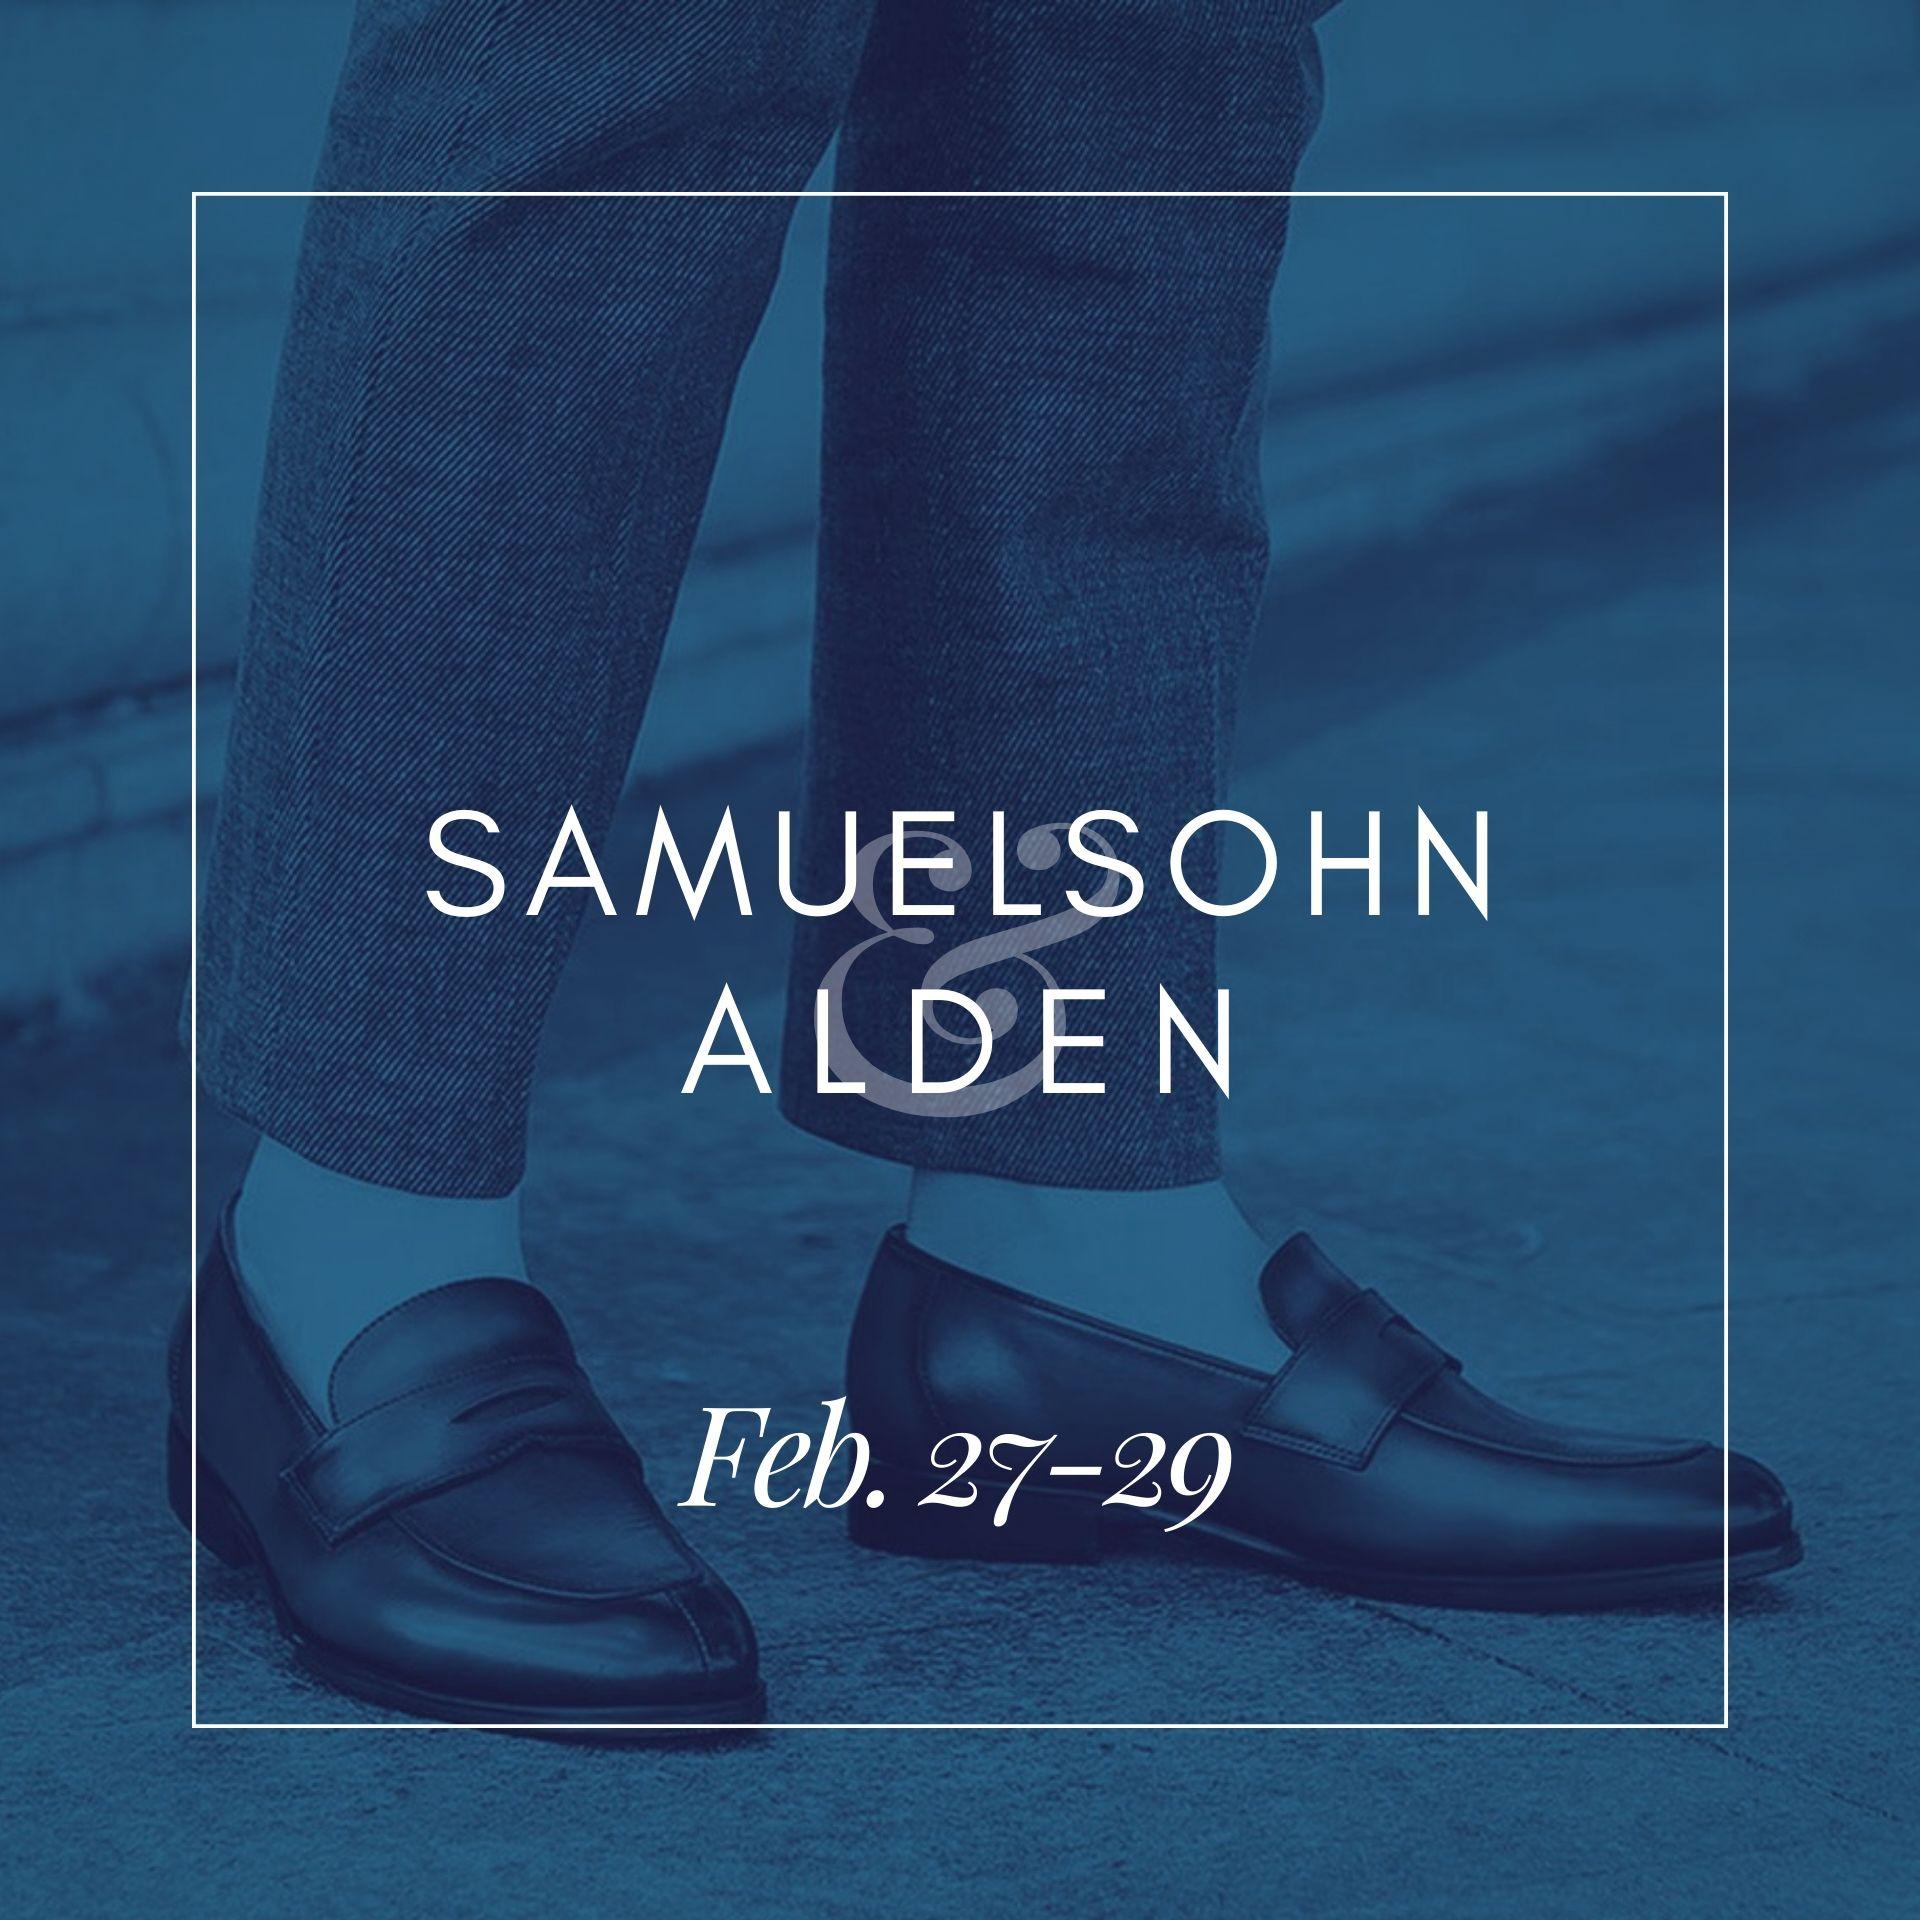 Samuelsohn Alden Event